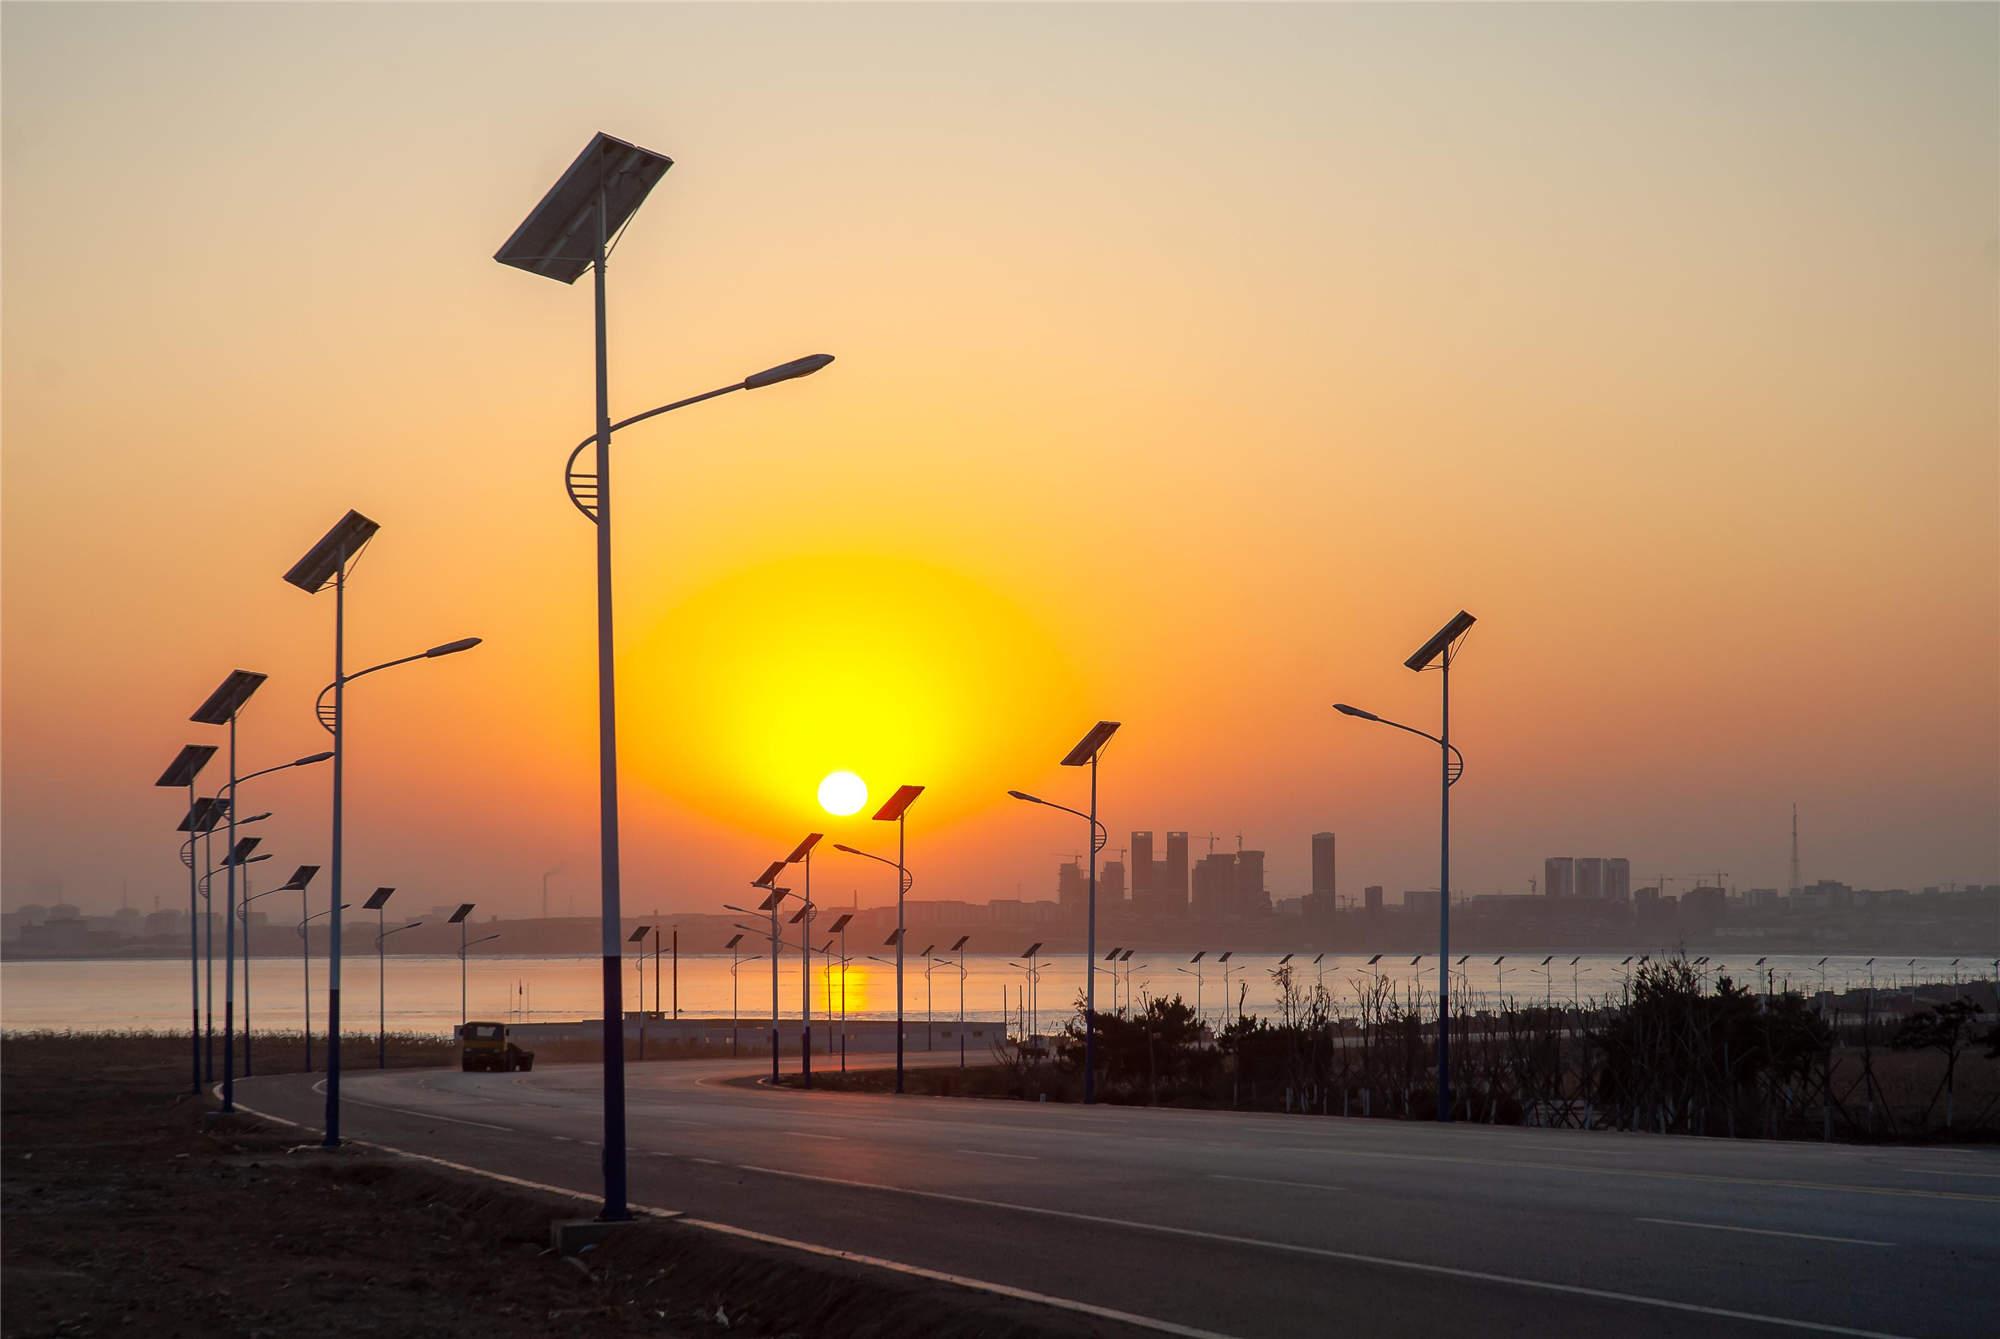 成都太阳能路灯安装注意事项,详解!